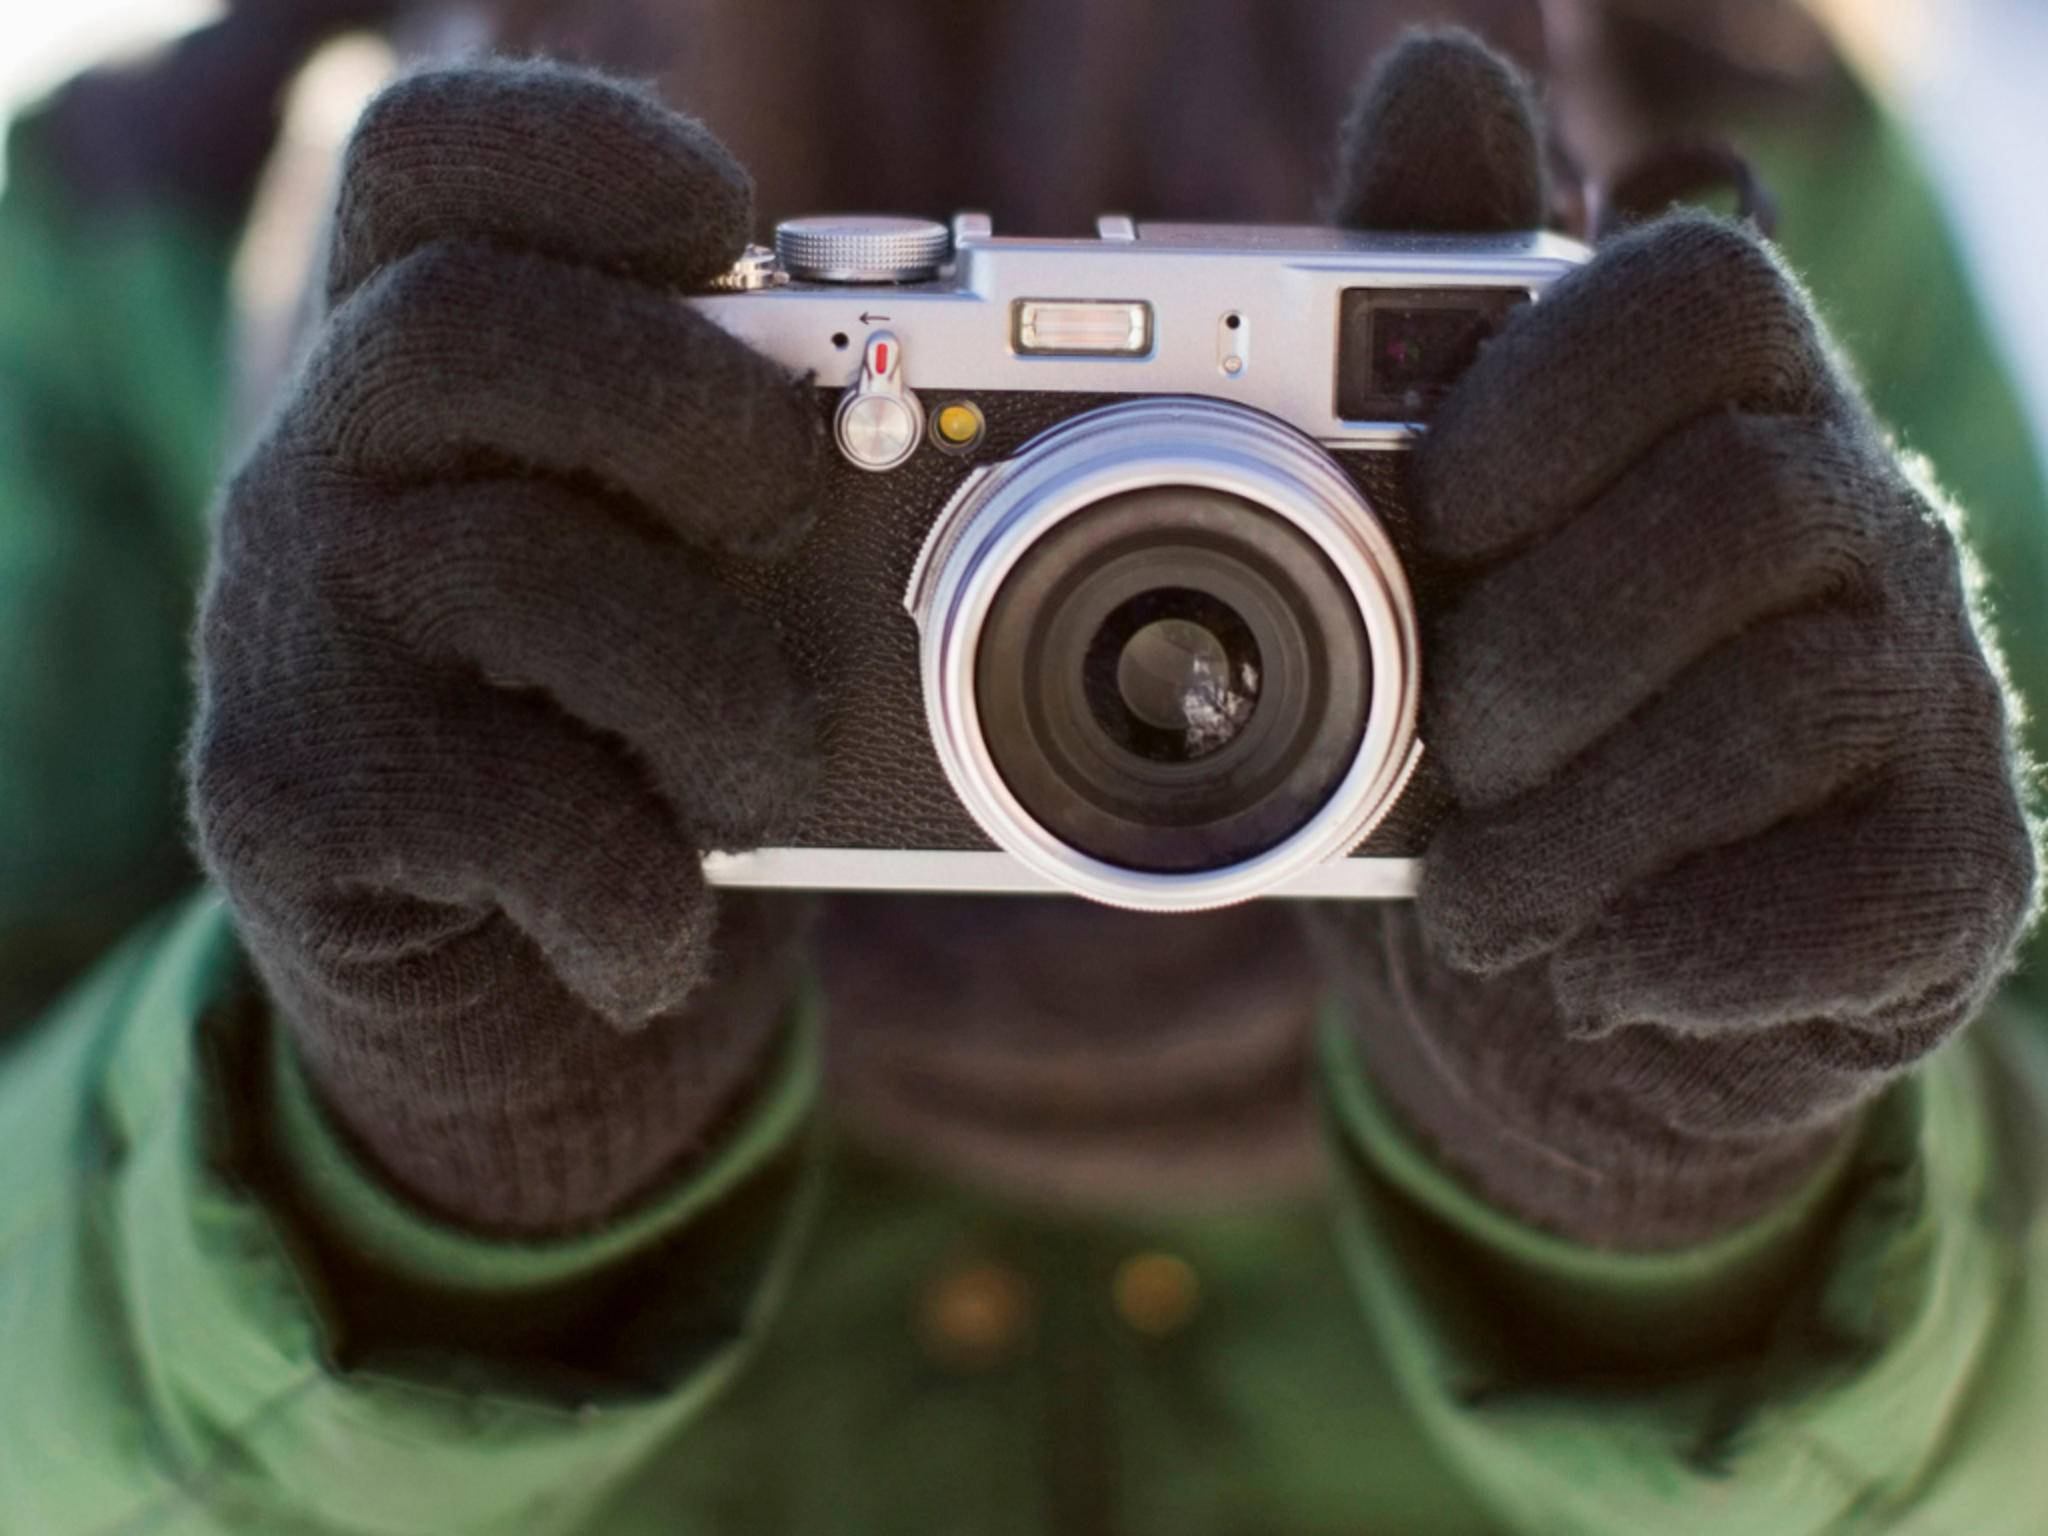 Bei Kälte reagieren Akkus von Kamera und Smartphone empfindlich.